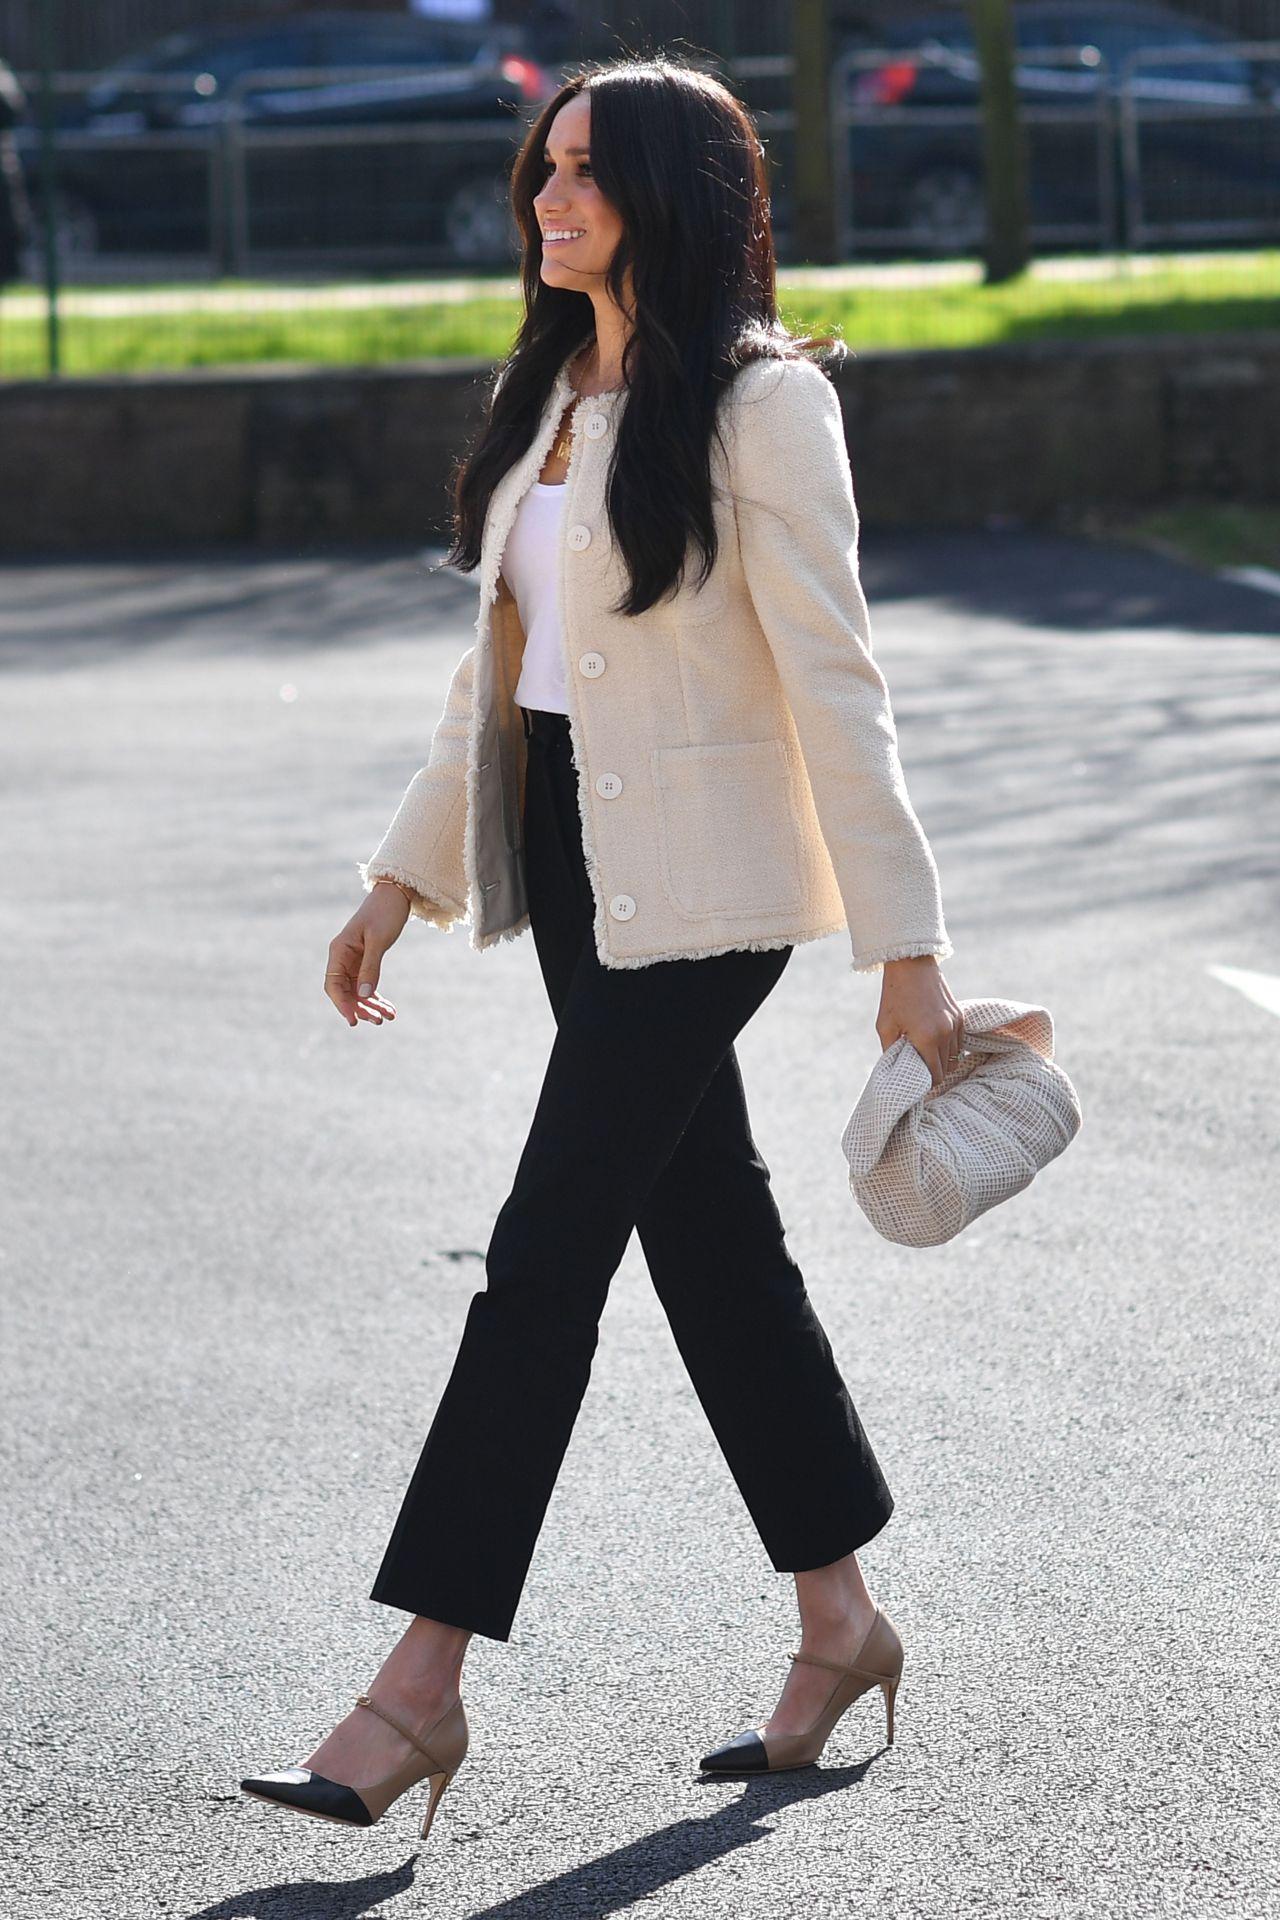 Meghan Markle diện trang phục đơn giản, thanh lịch trong ngày Quốc tế Phụ nữ 2020